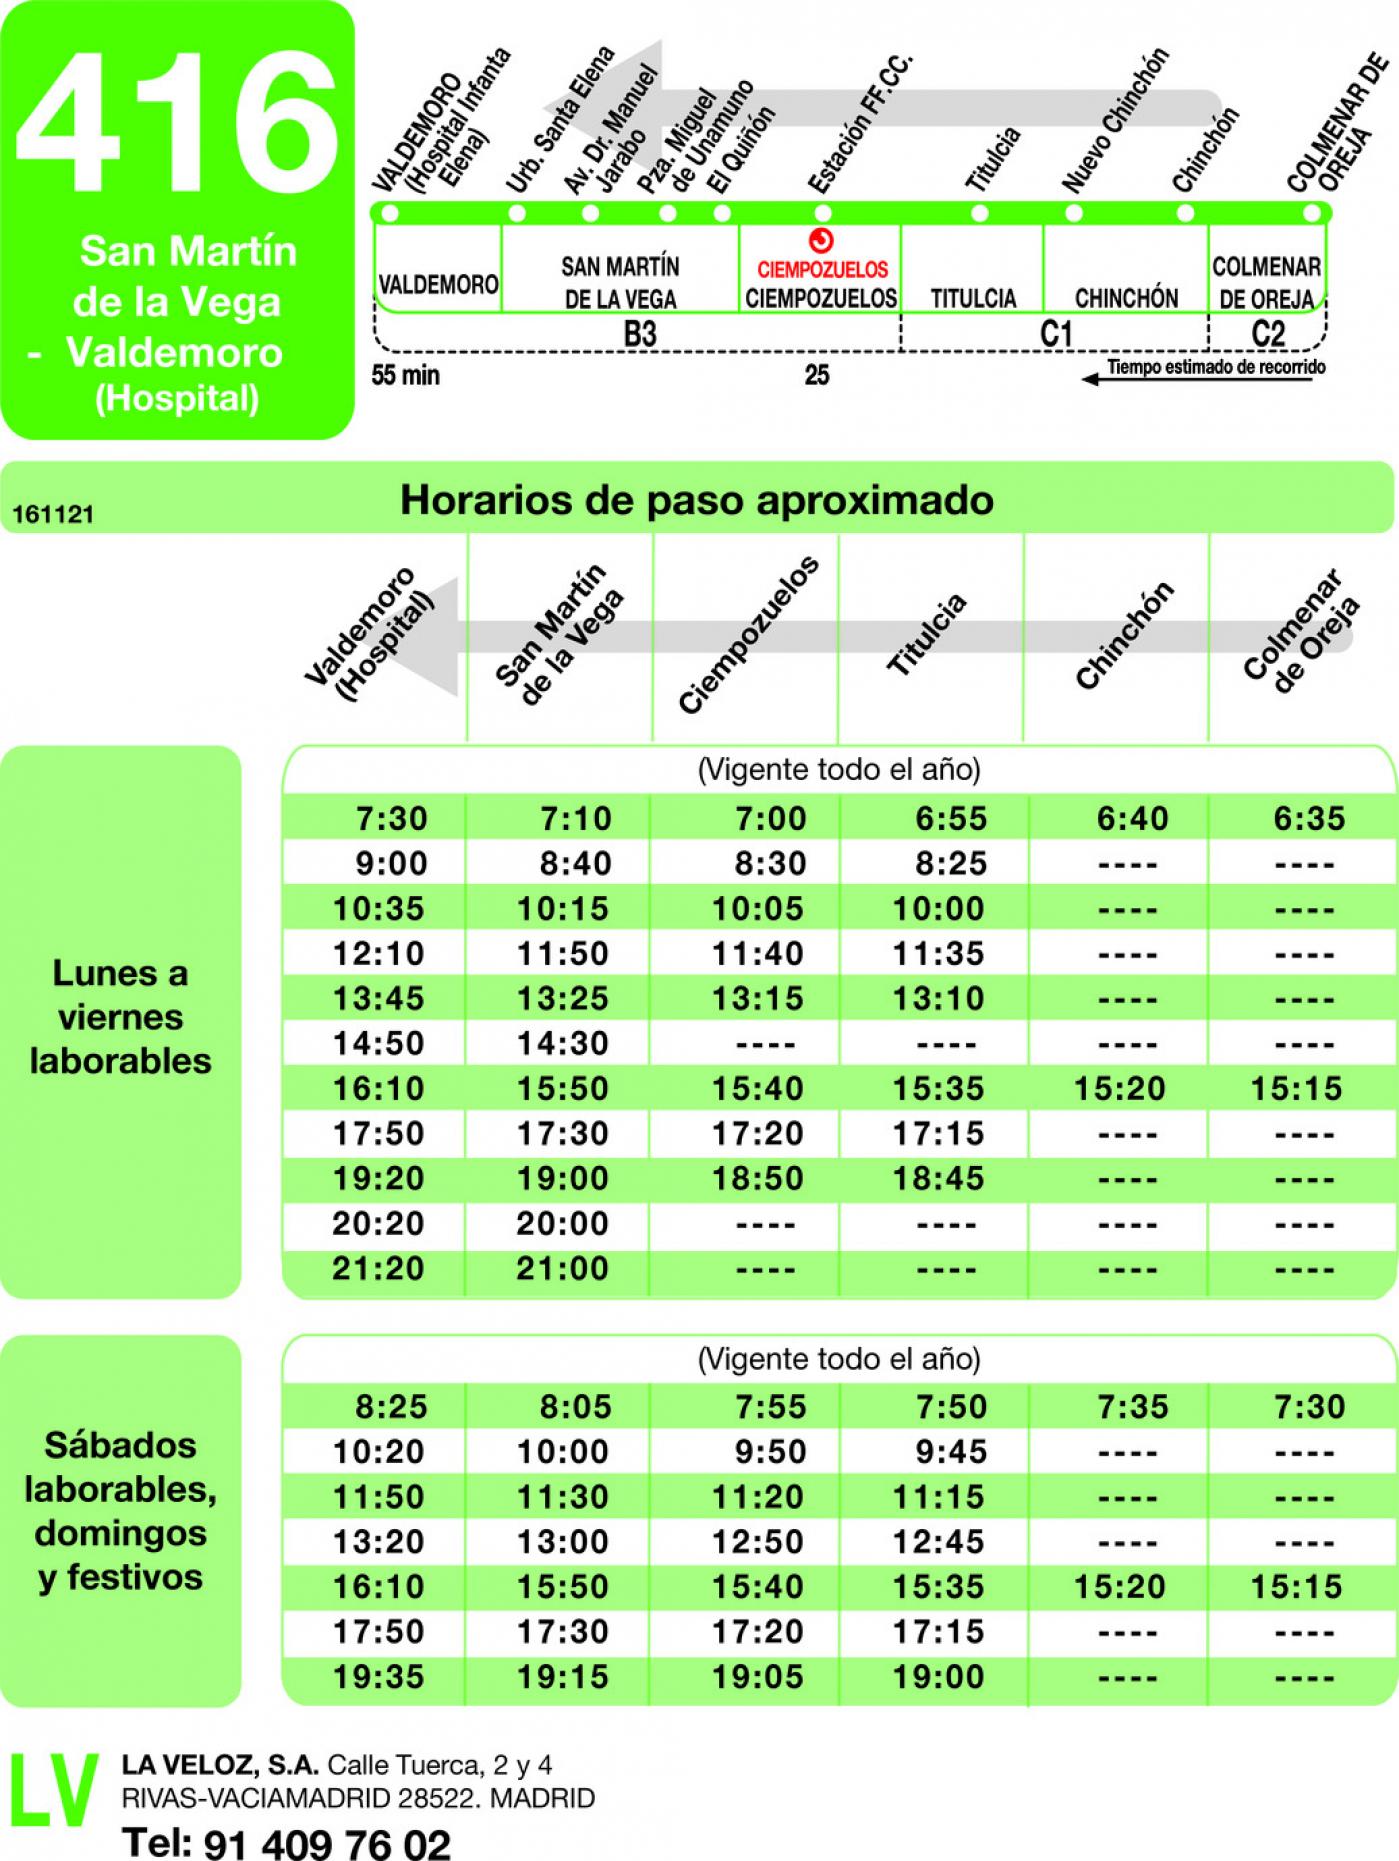 Tabla de horarios y frecuencias de paso en sentido vuelta Línea 416: Valdemoro (Hospital) - Titulcia - Colmenar de Oreja